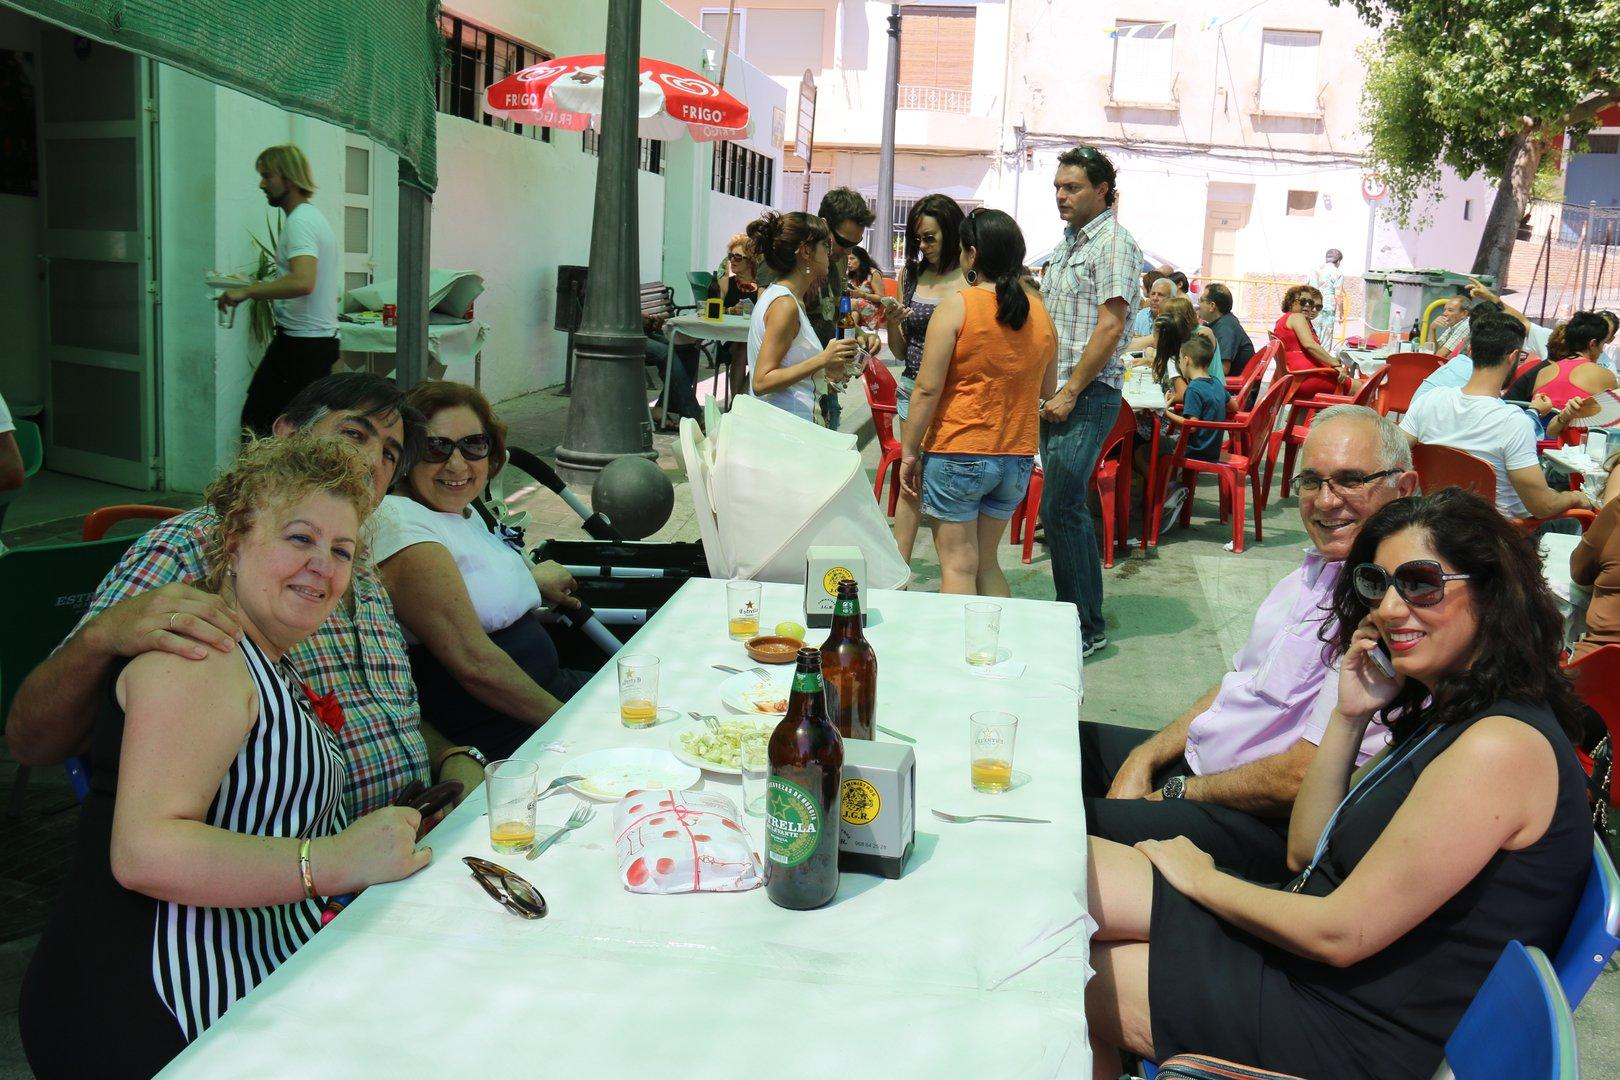 Fiestas de Ulea 2016. Bar La Piscina